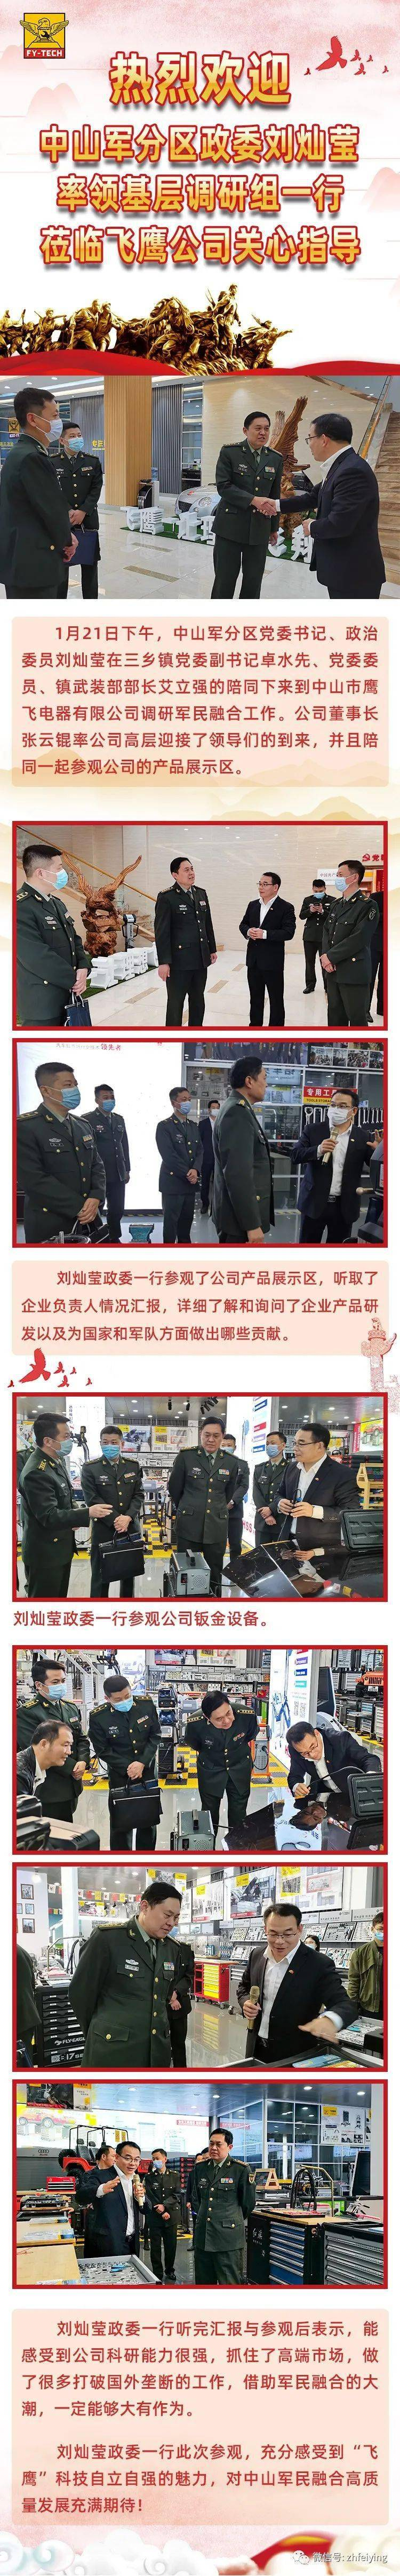 国防与民用技术融合,科技创新,中华复兴之路!